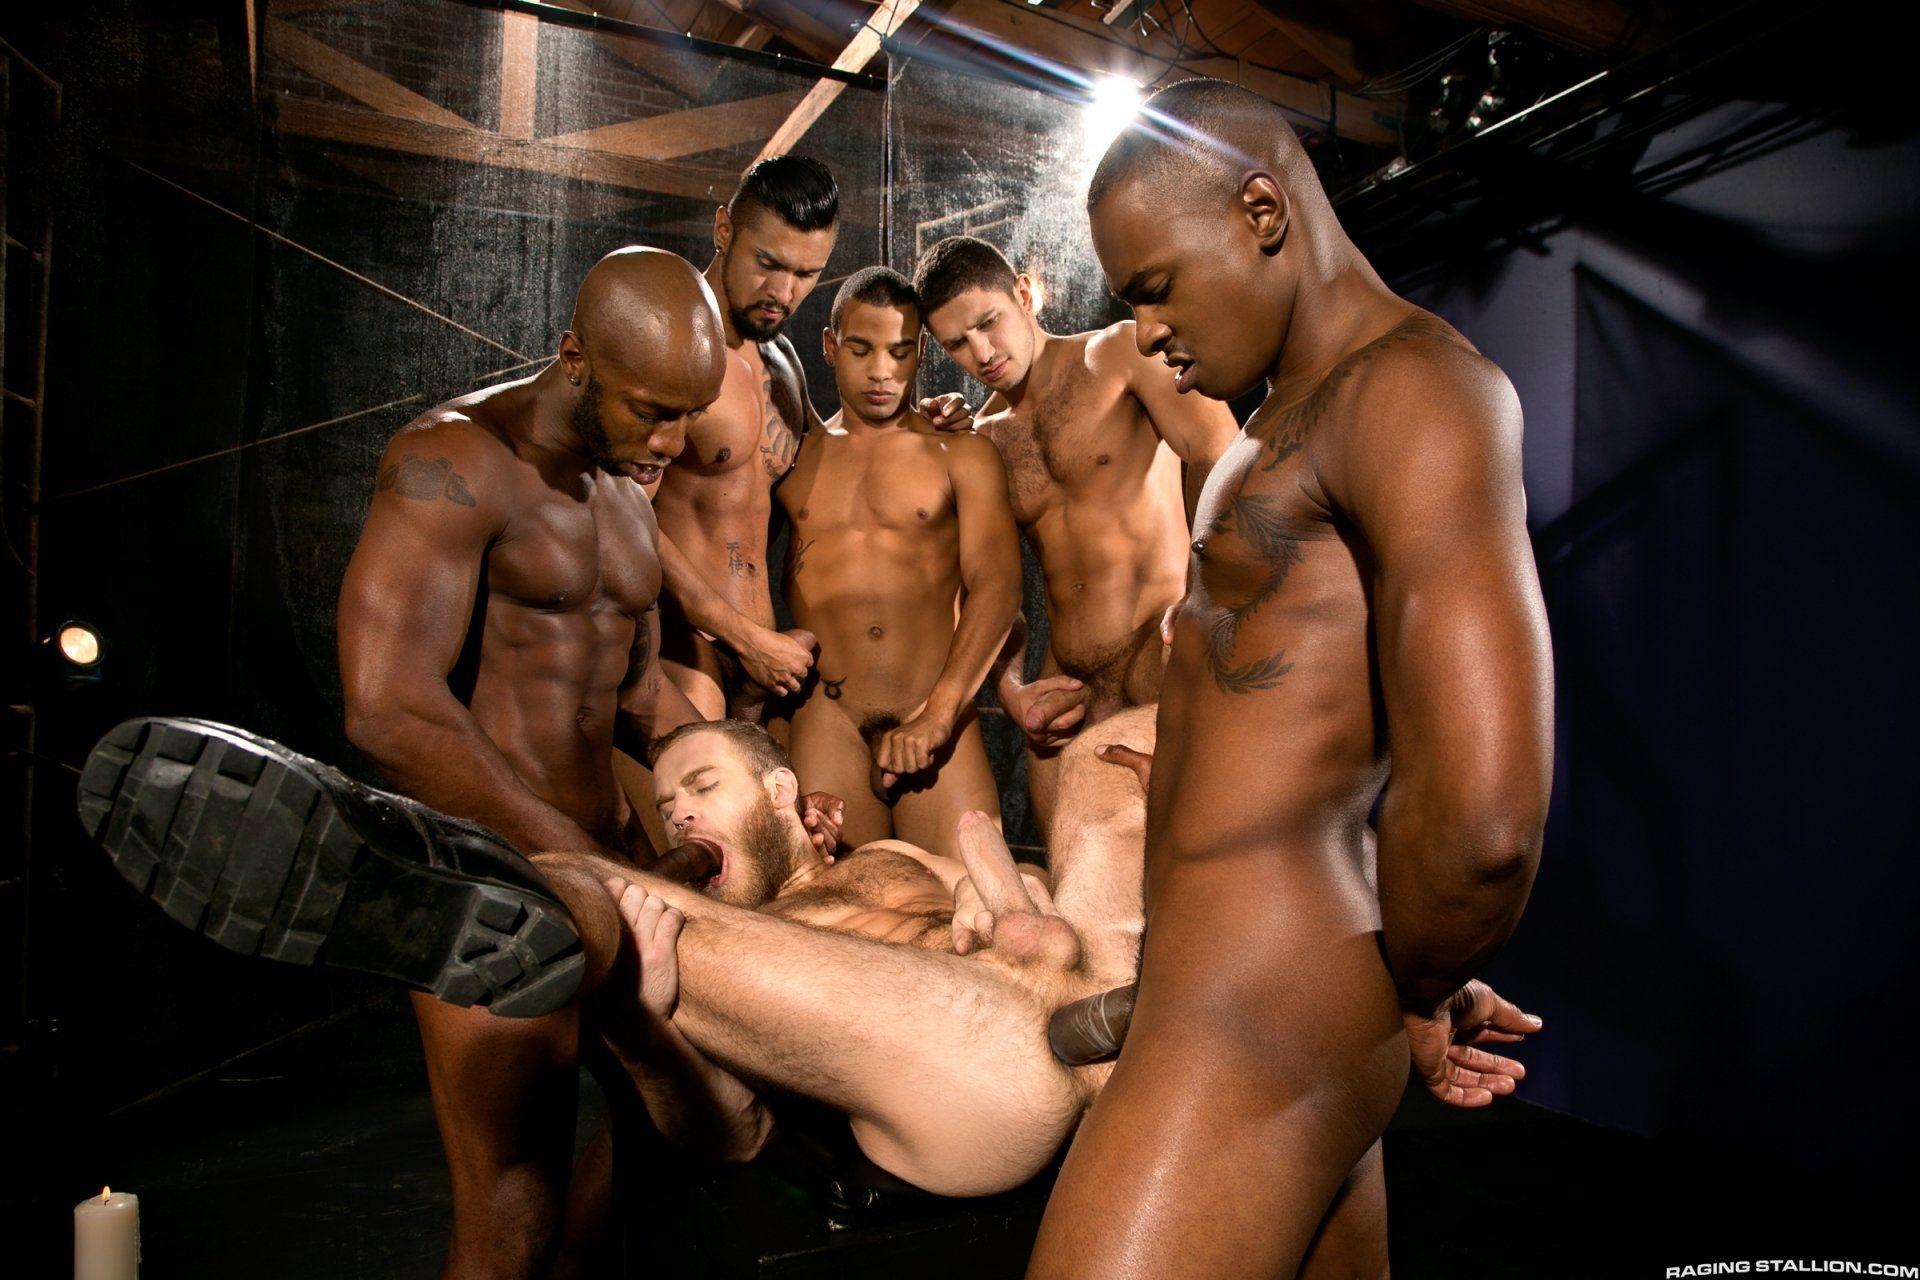 Gay sex orgy interracial